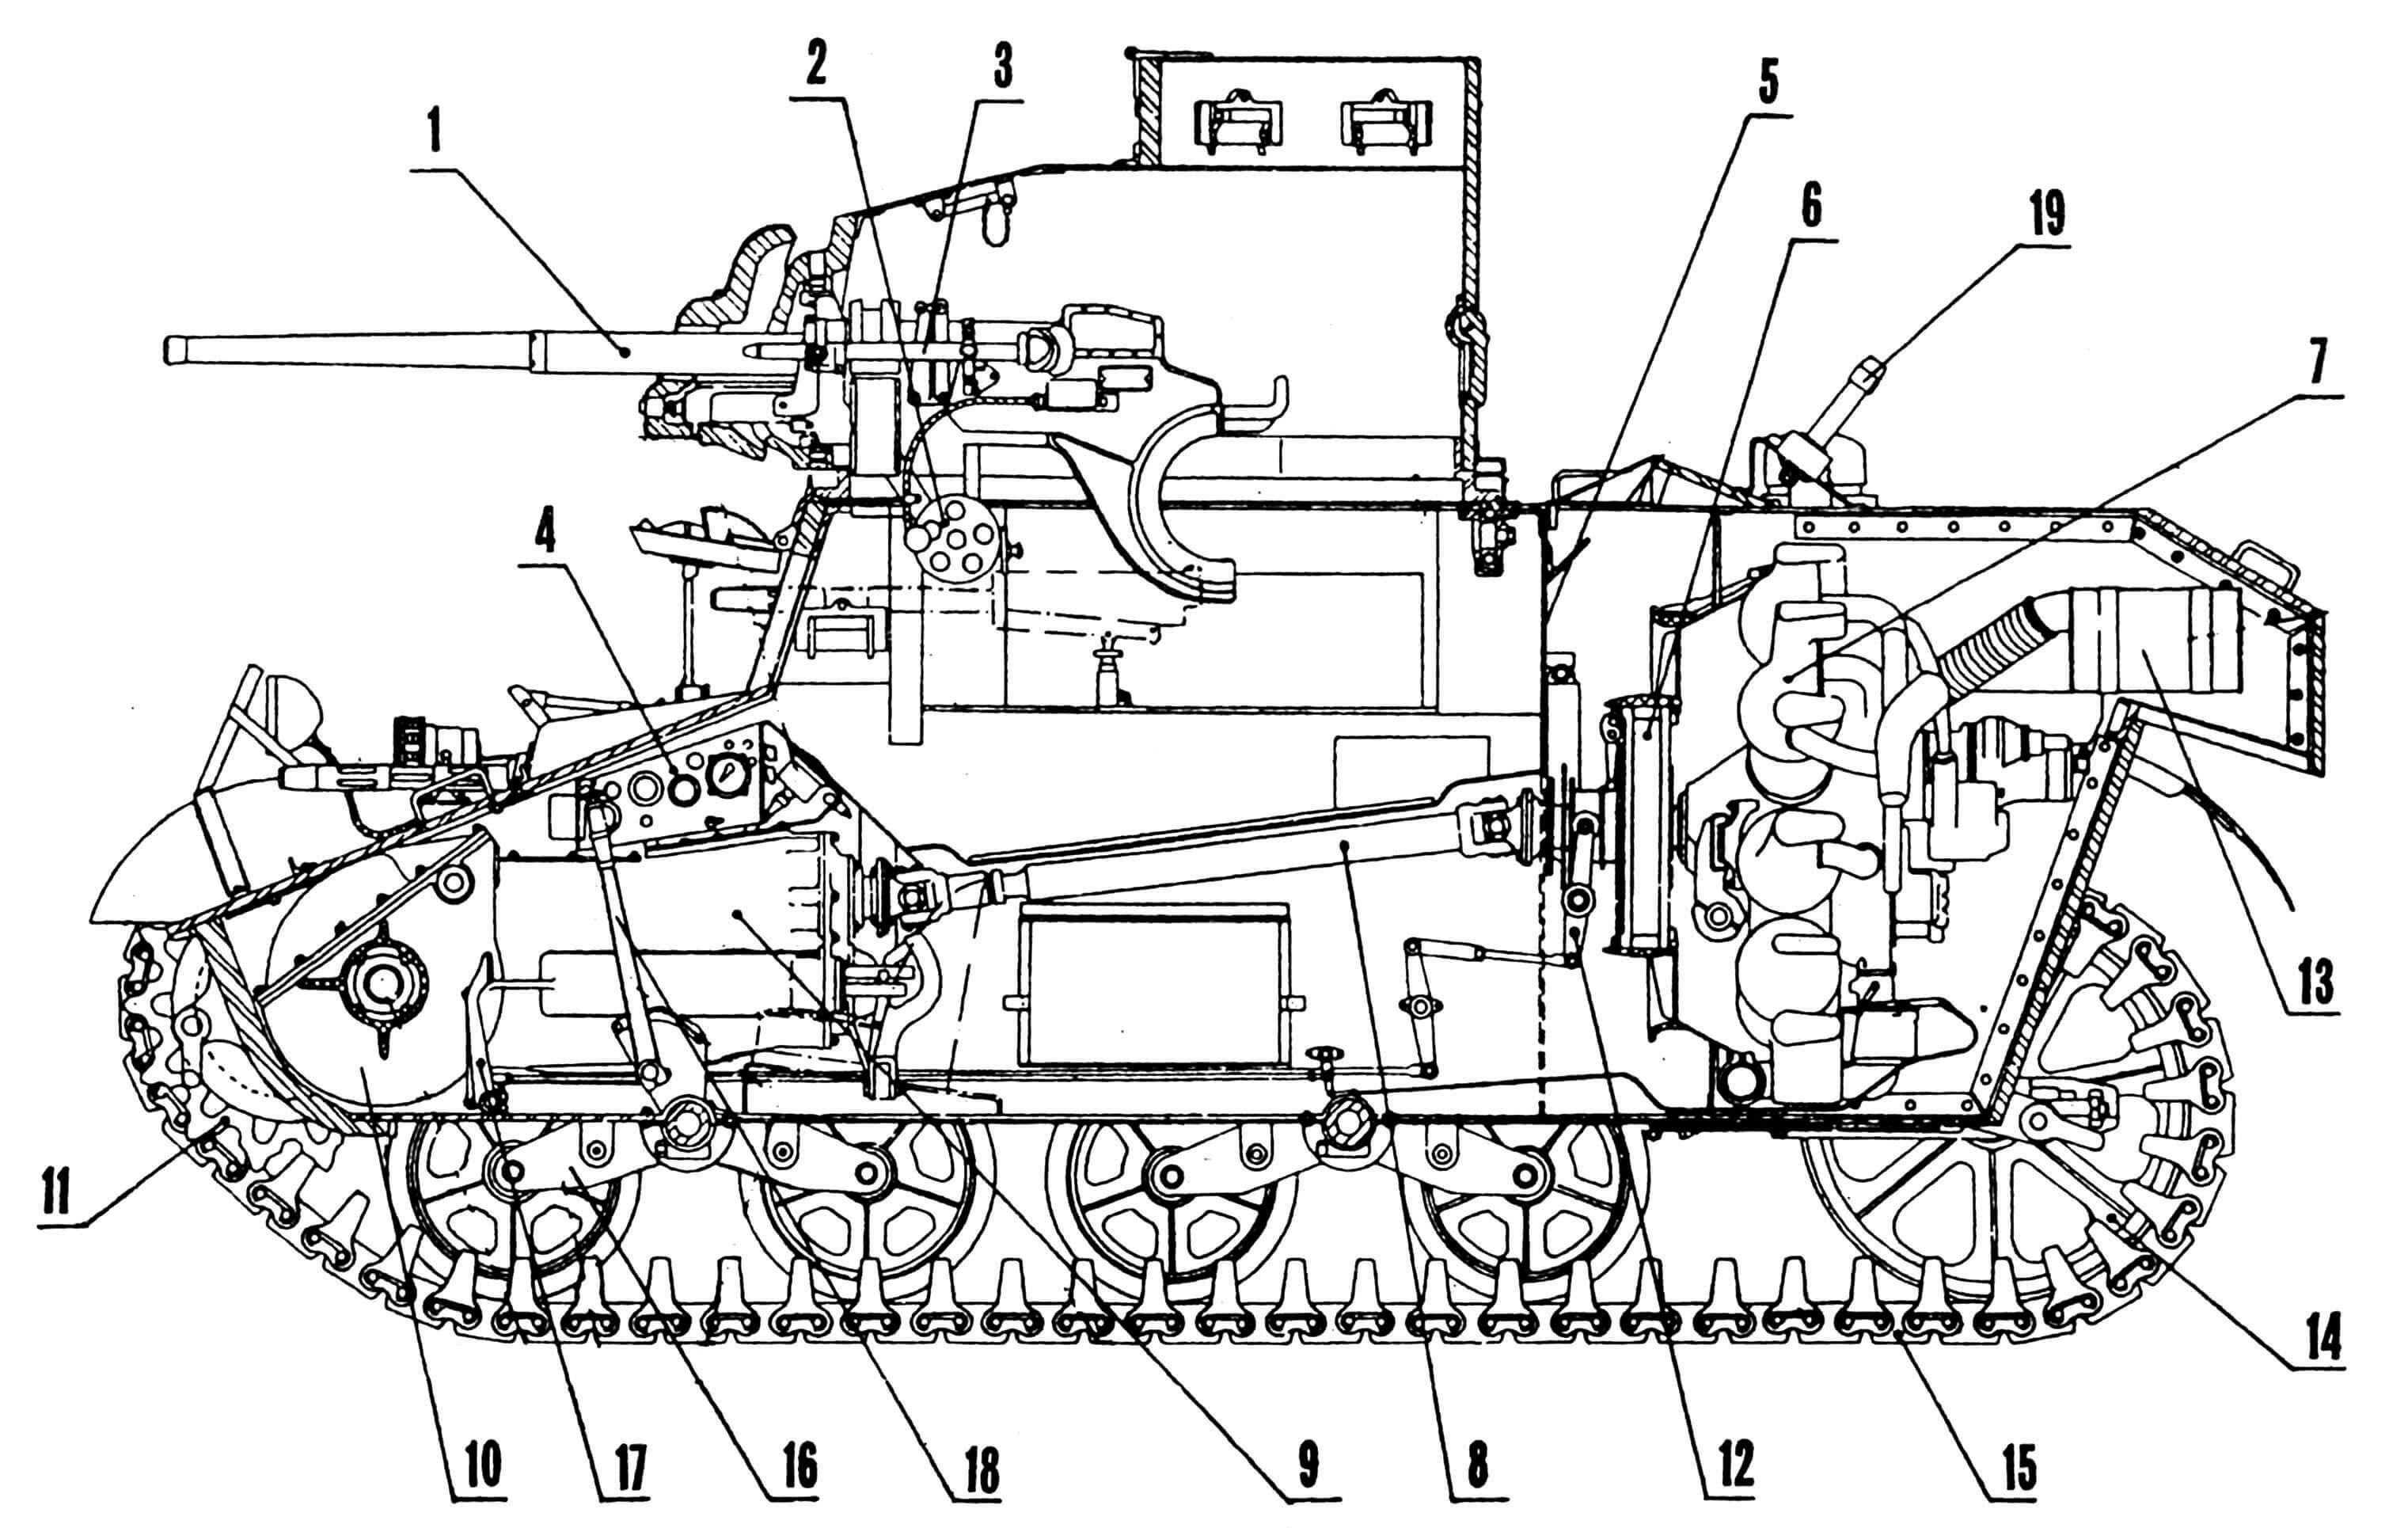 Компоновка танка М3: 1 — 37-мм пушка М6, 2 — подъемный механизм, 3 — телескопический прицел, 4 — приборный щиток водителя, 5 — моторная перегородка, 6 — главное сцепление, 7 — двигатель, 8 — карданный вал, 9 — коробка передач, 10 — дифференциал, 11 — ведущее колесо, 12 — хомут выключения сцепления, 13 — глушитель, 14 — направляющее колесо, 15 — гусеница, 16 — балансир подвески, 17 — педаль сцепления, 18 — рычаг тормоза, 19 — узел крепления антенны.